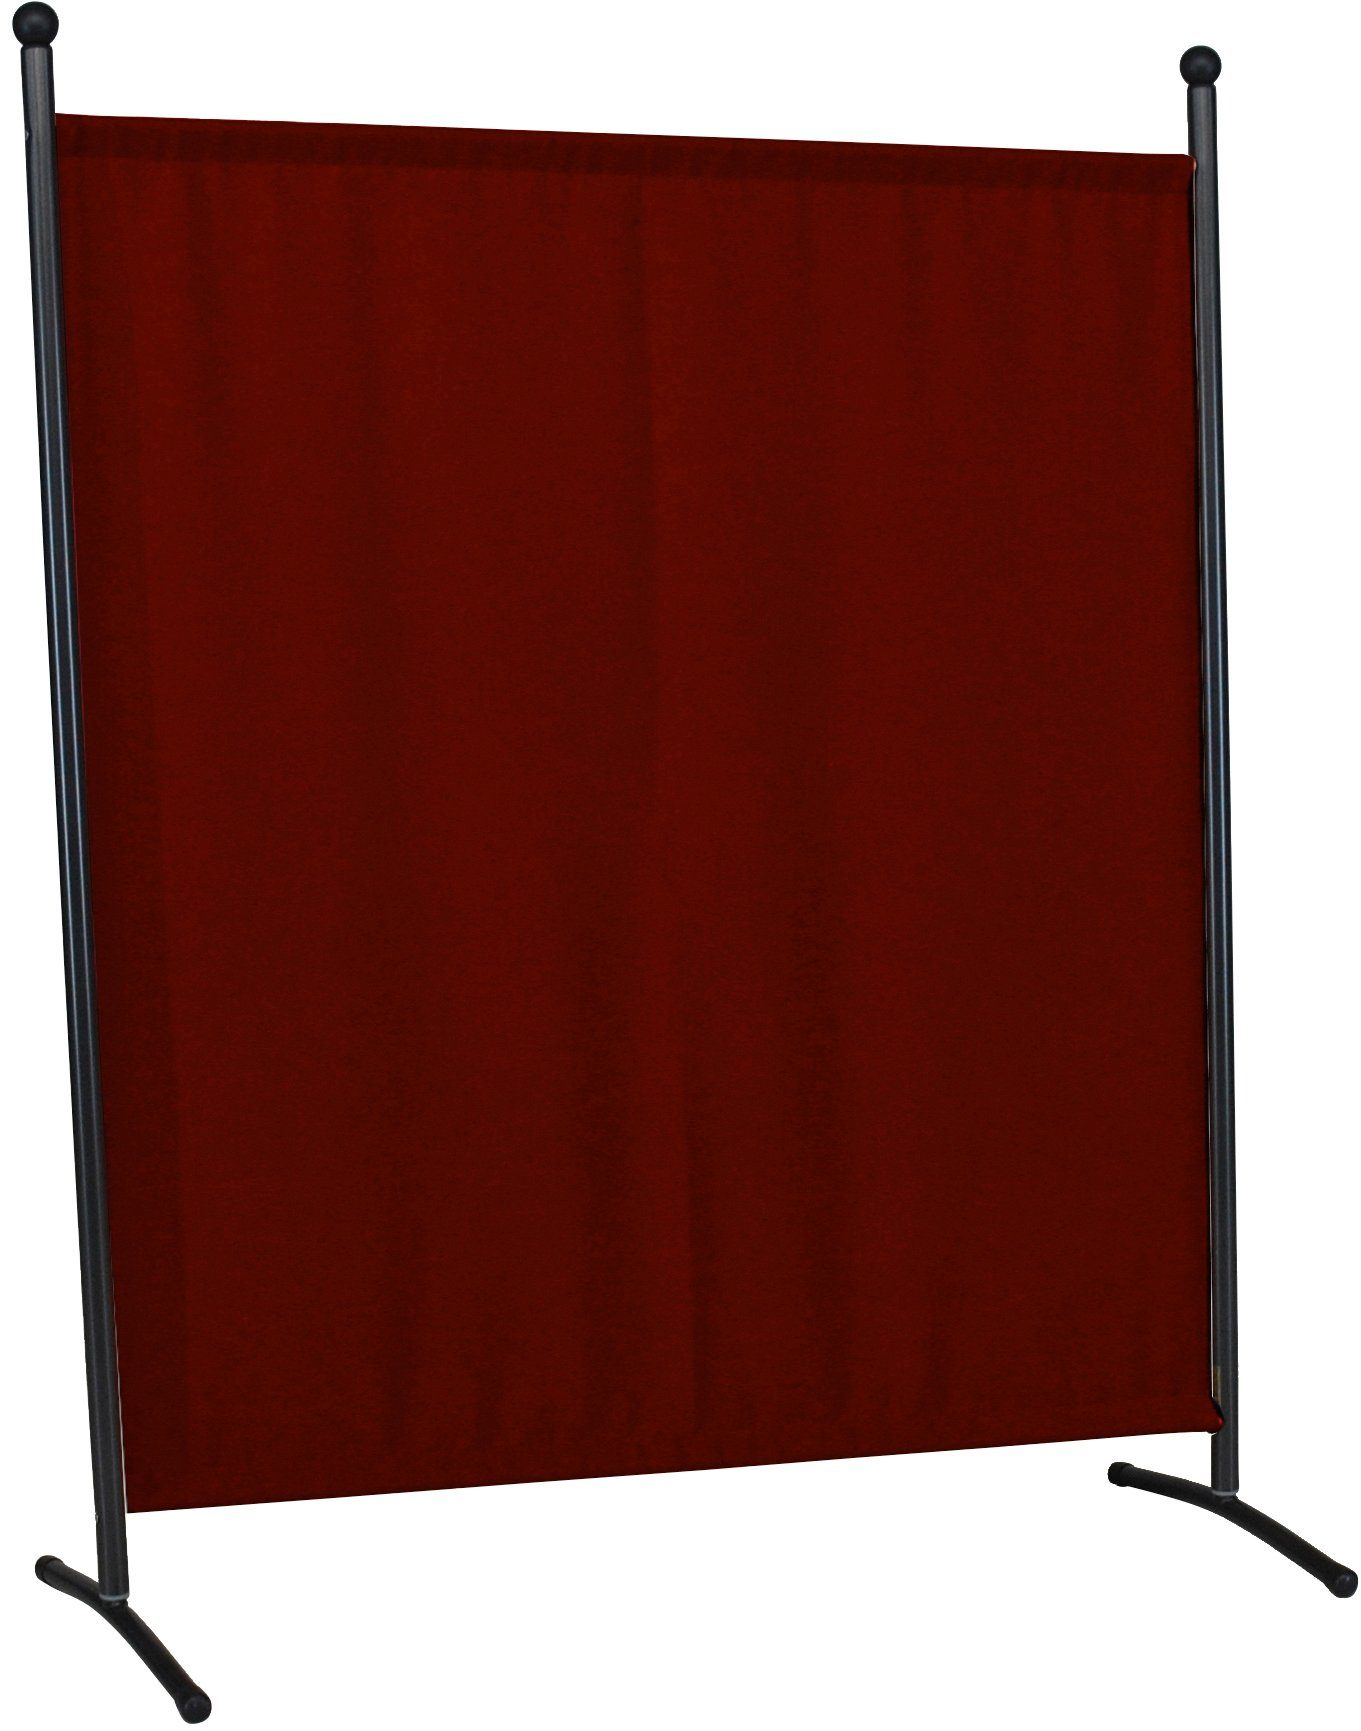 ANGERER FREIZEITMÖBEL Stellwand »Groß bordeaux«, (B/H): ca. 178x178 cm